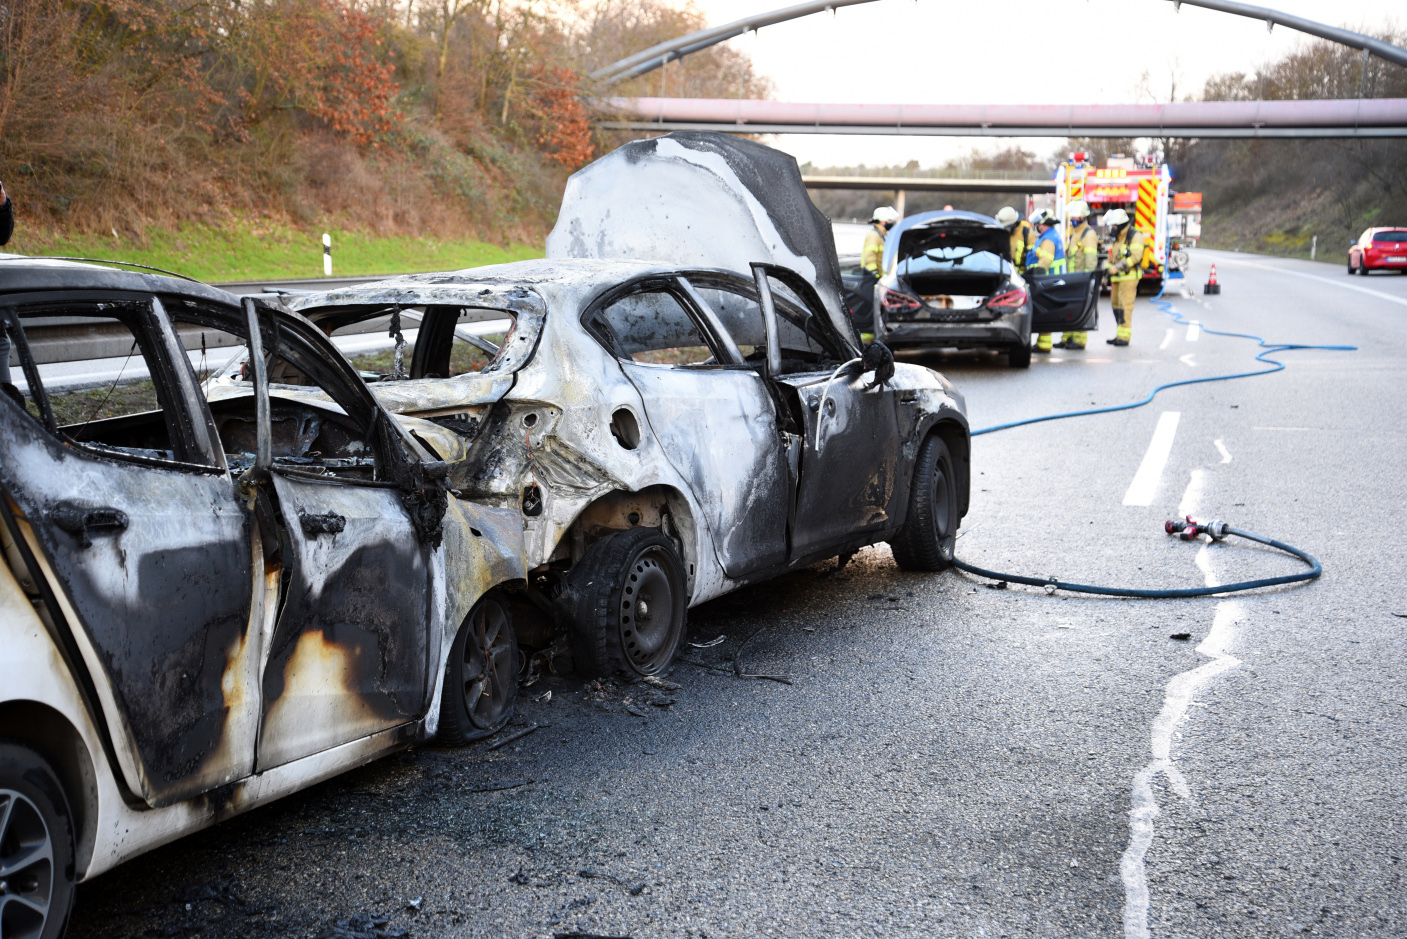 Mannheim-Rheinau: Schwerer Unfall auf B36 - Verursacher flüchtet - Die Polizei sucht Zeugen!